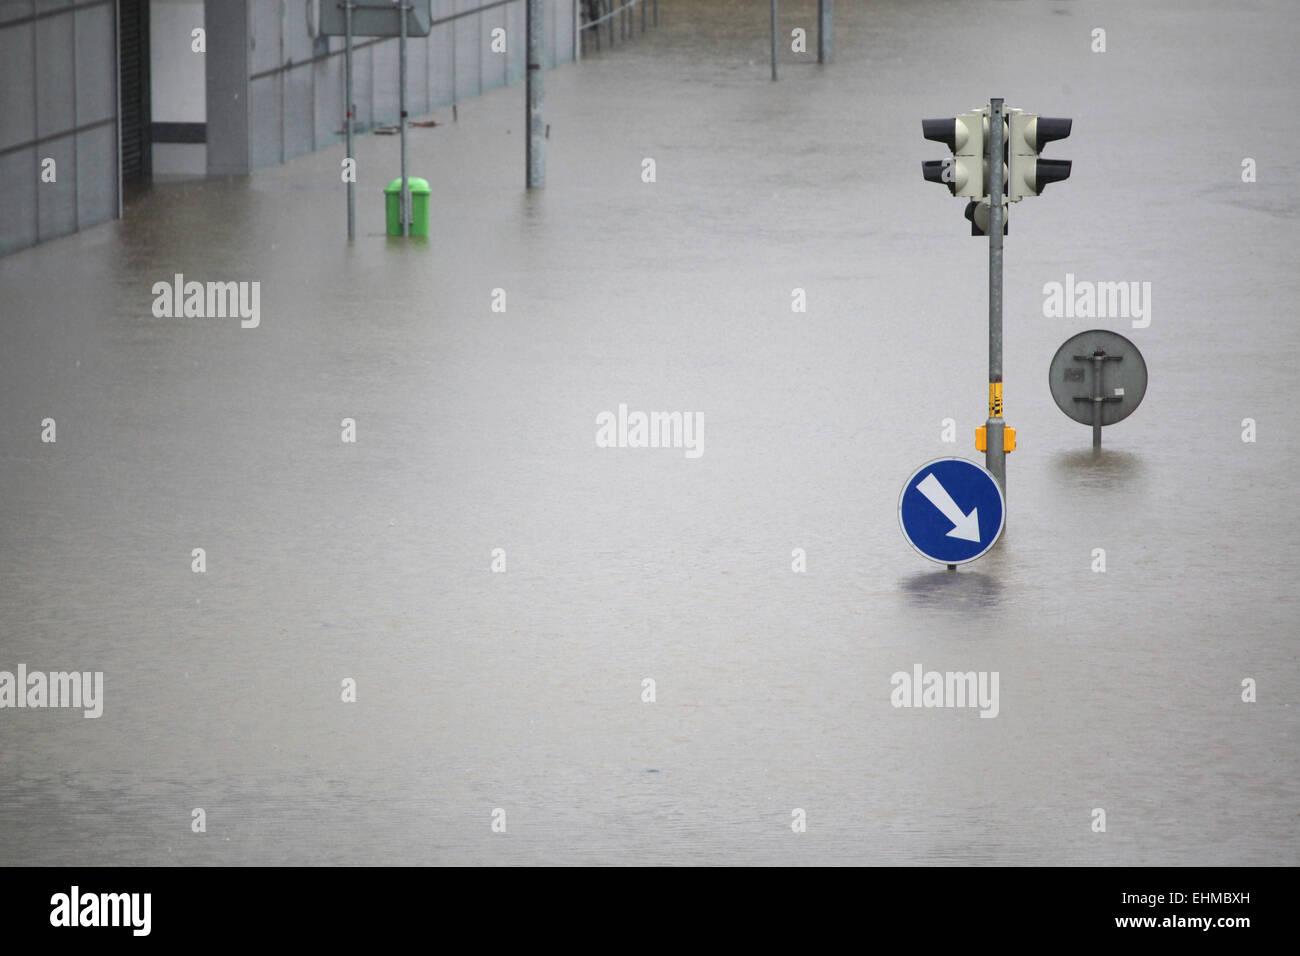 Carrefour inondé avec des feux de circulation et un signe de la circulation droit garder inondées par Photo Stock